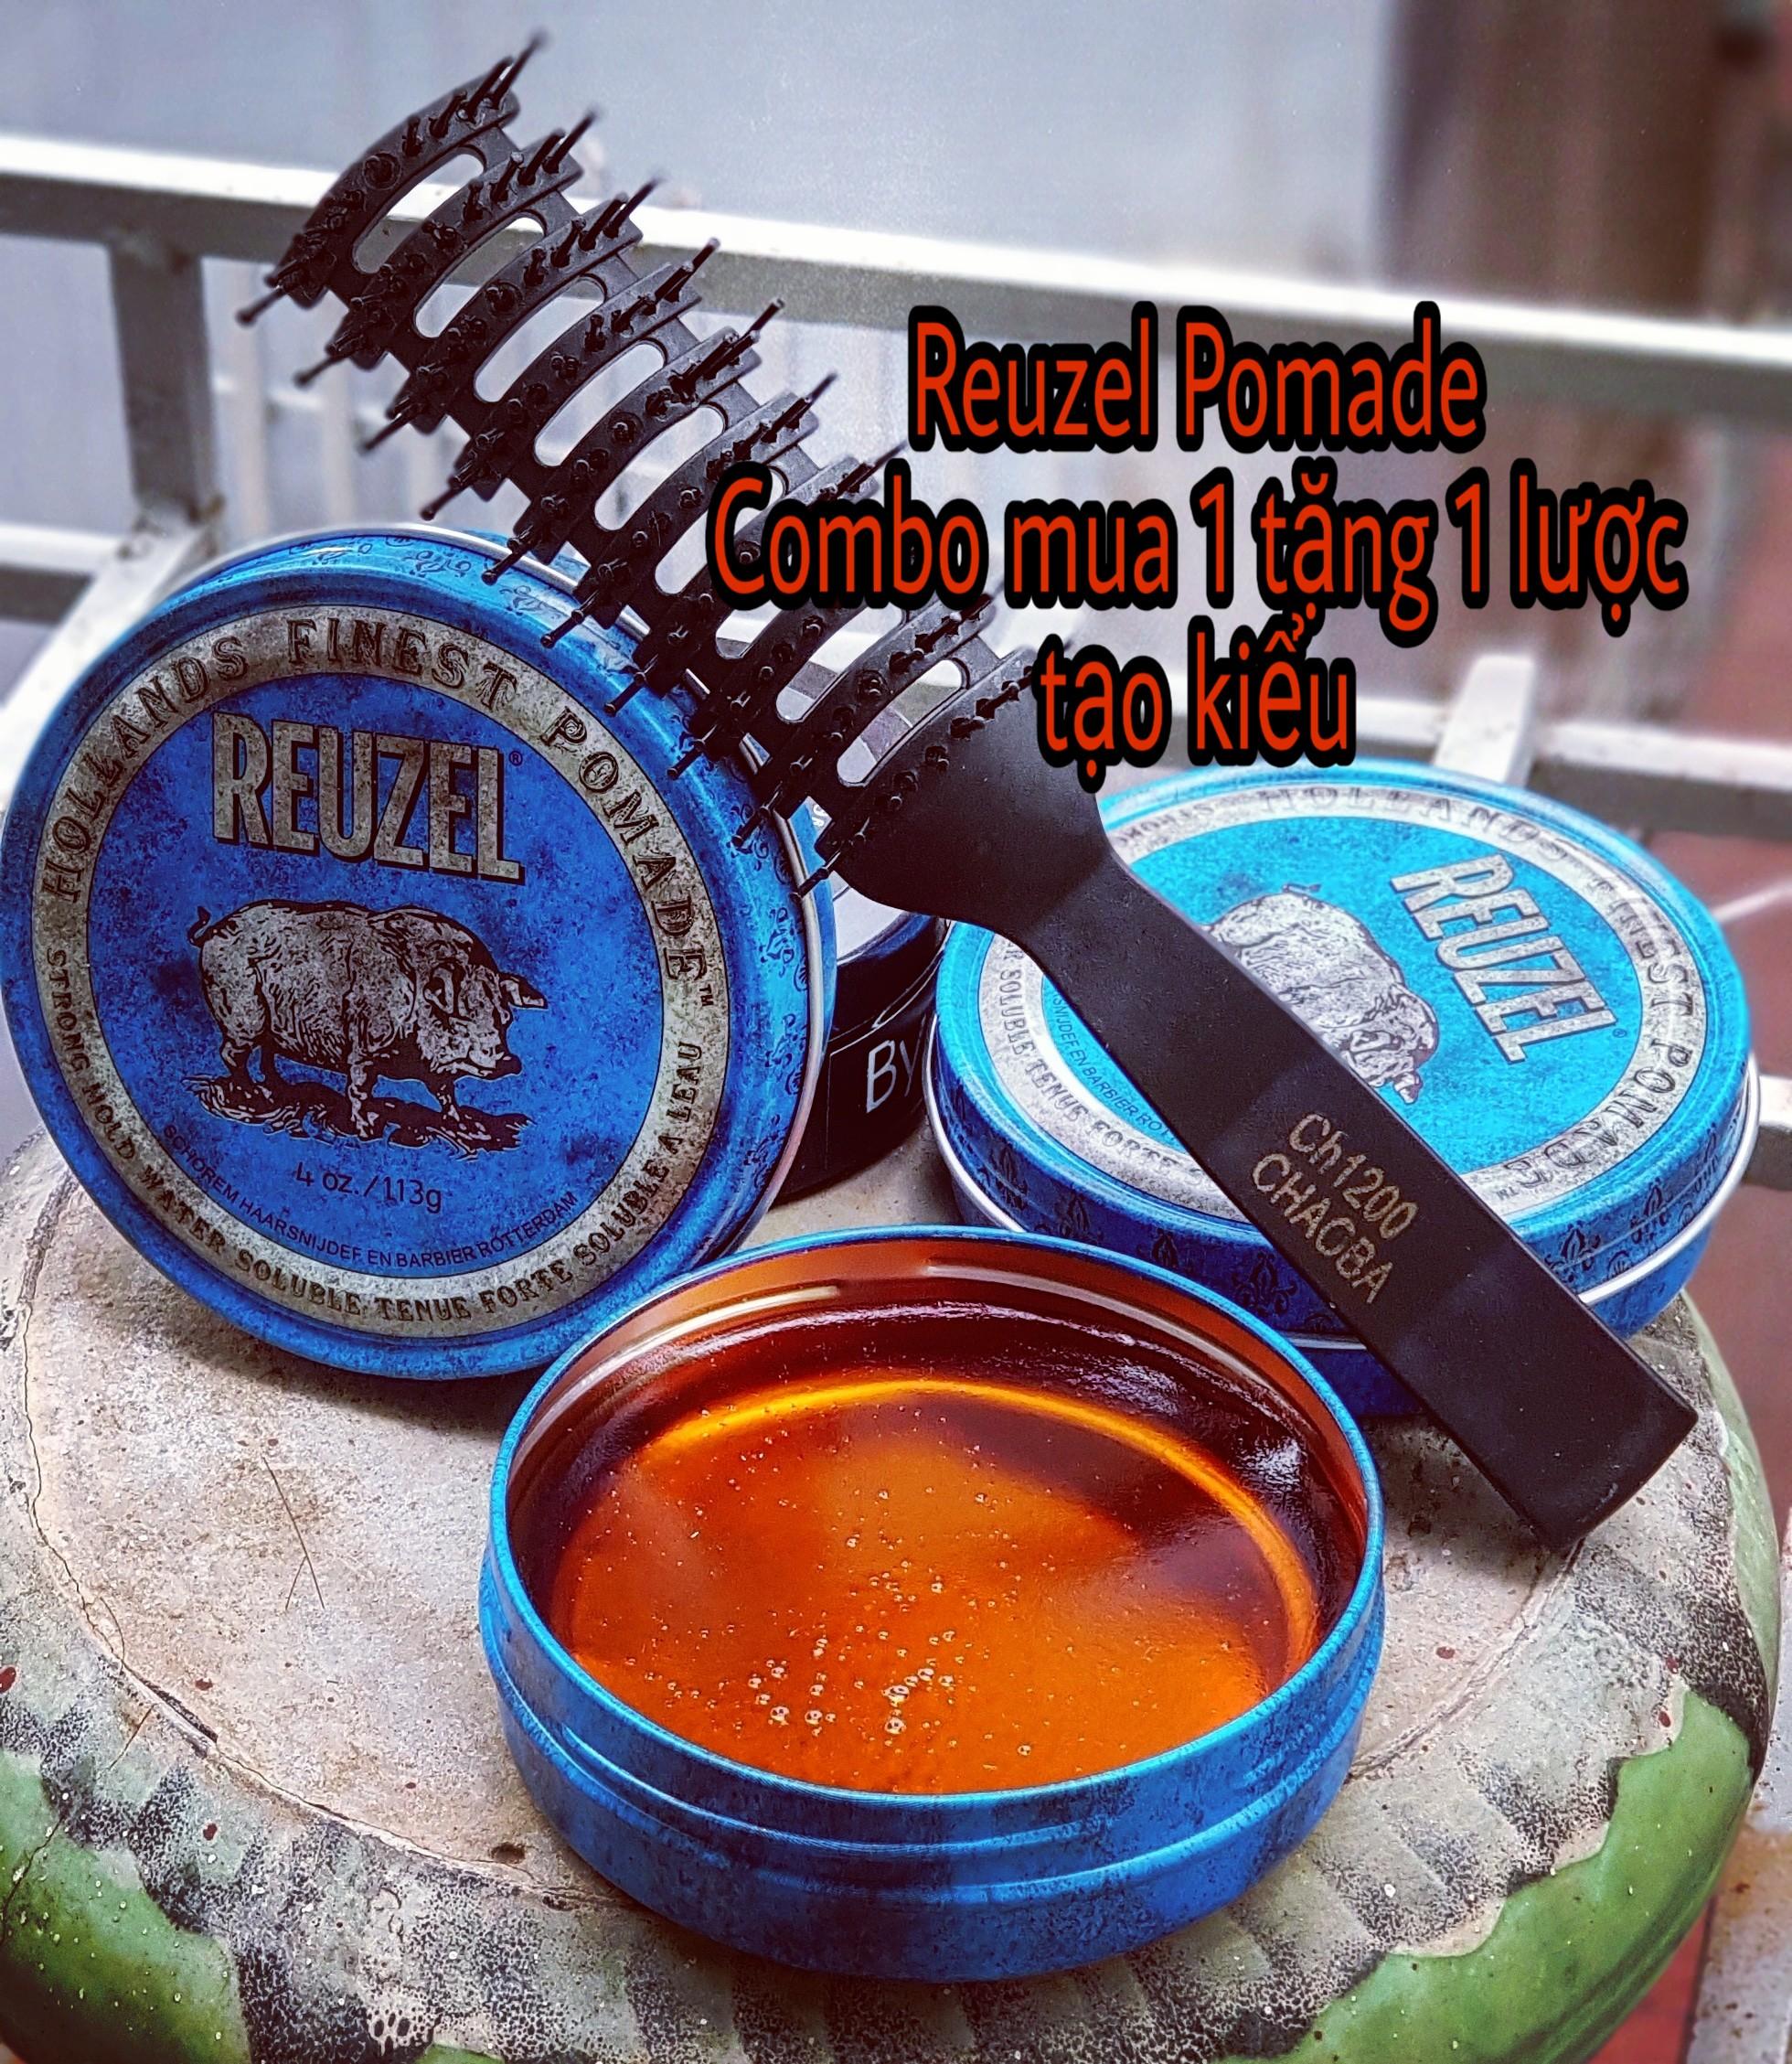 [Chính Hãng ] Pomade Reuzel Blue dành cho quý ông lịch lãm